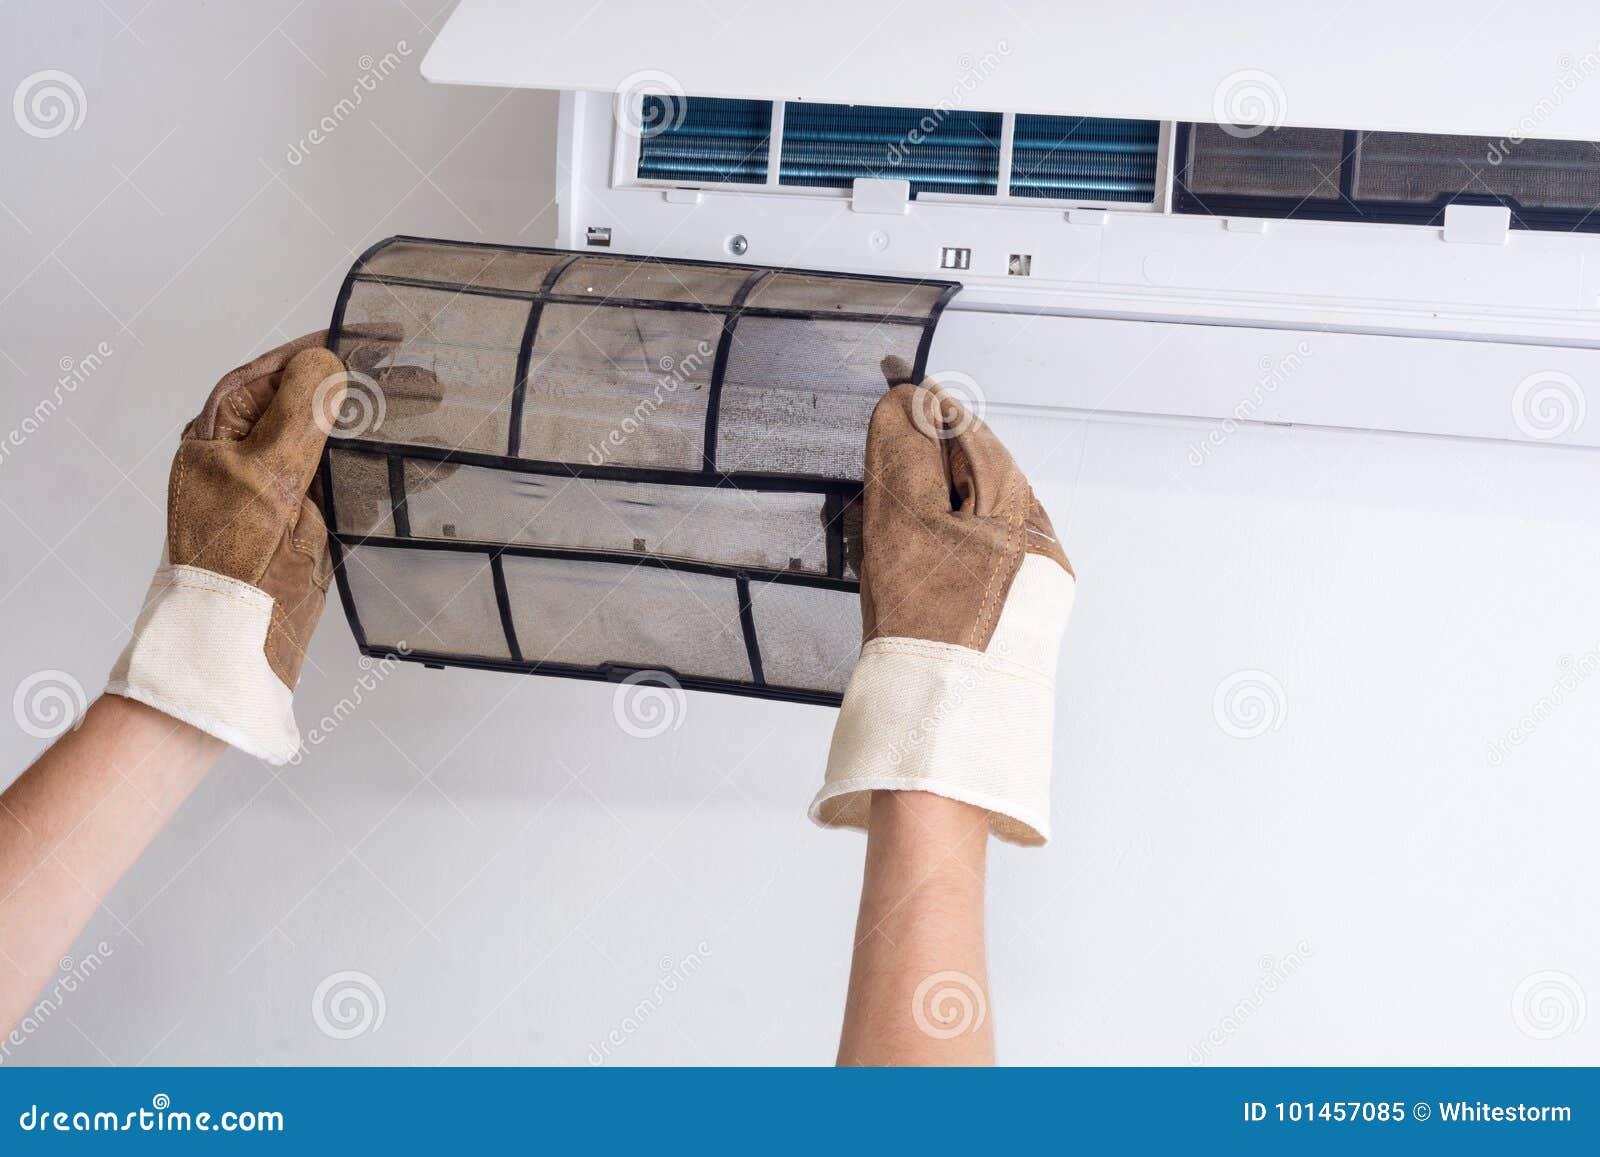 Αφαίρεση του βρώμικου φίλτρου κλιματιστικών μηχανημάτων